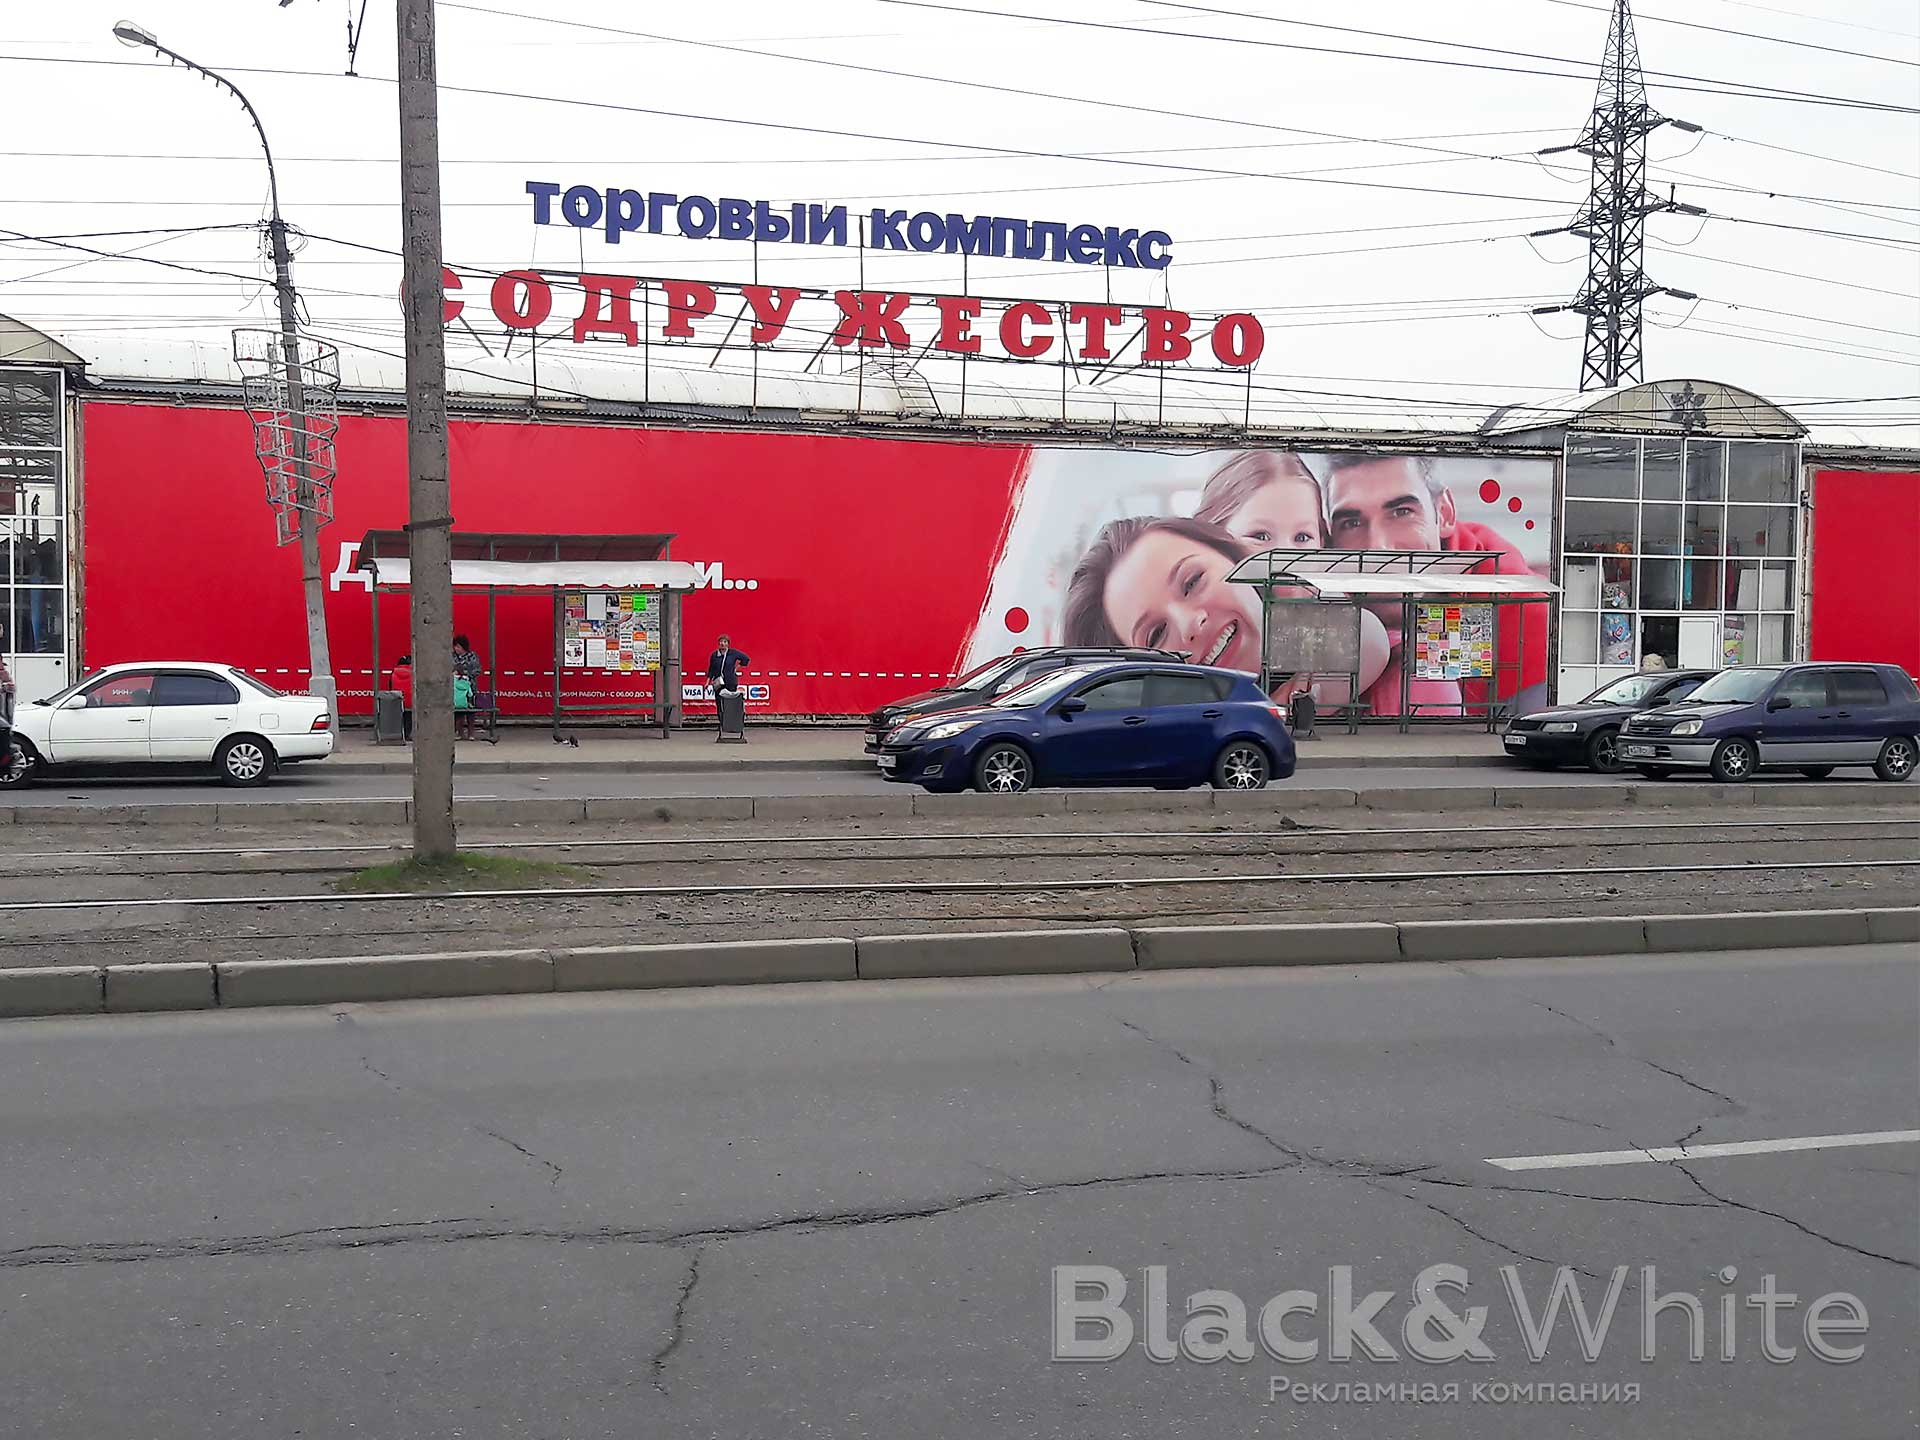 печать-баннеров-монтаж-баннера-4-установка-баннерной-растяжки-в-Красноярске.jpg